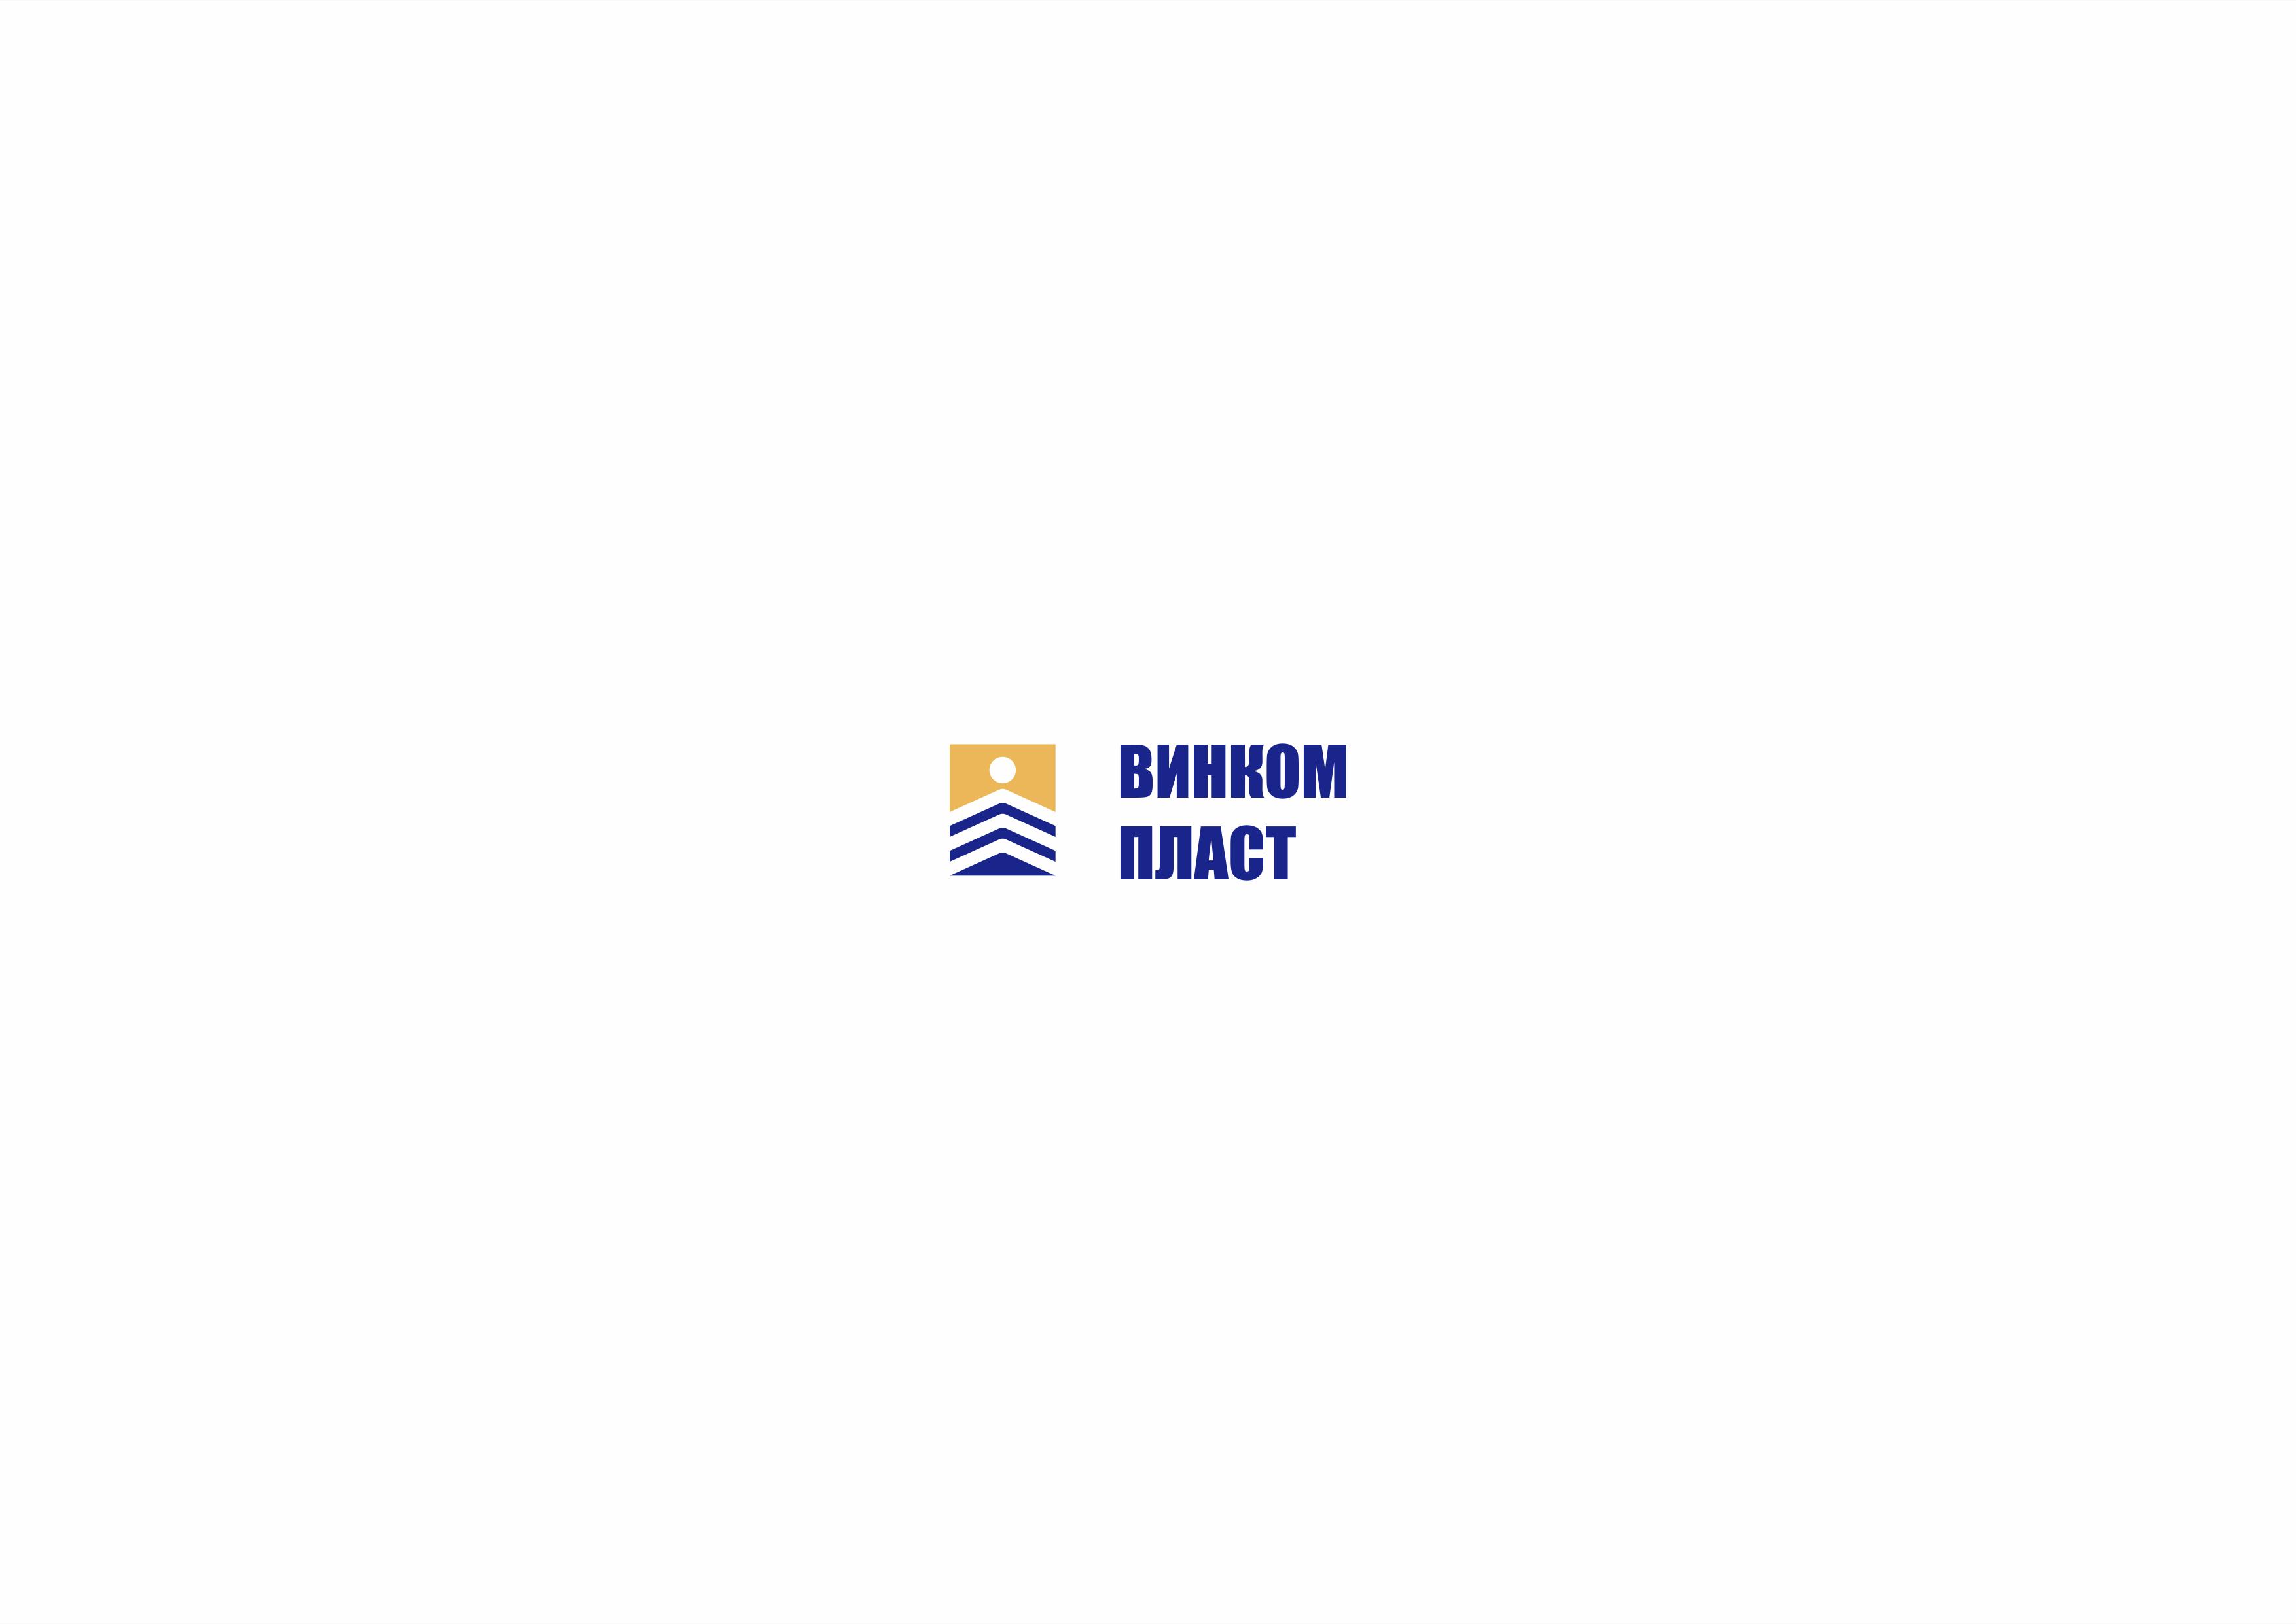 Логотип, фавикон и визитка для компании Винком Пласт  фото f_8665c39a1c3af363.png